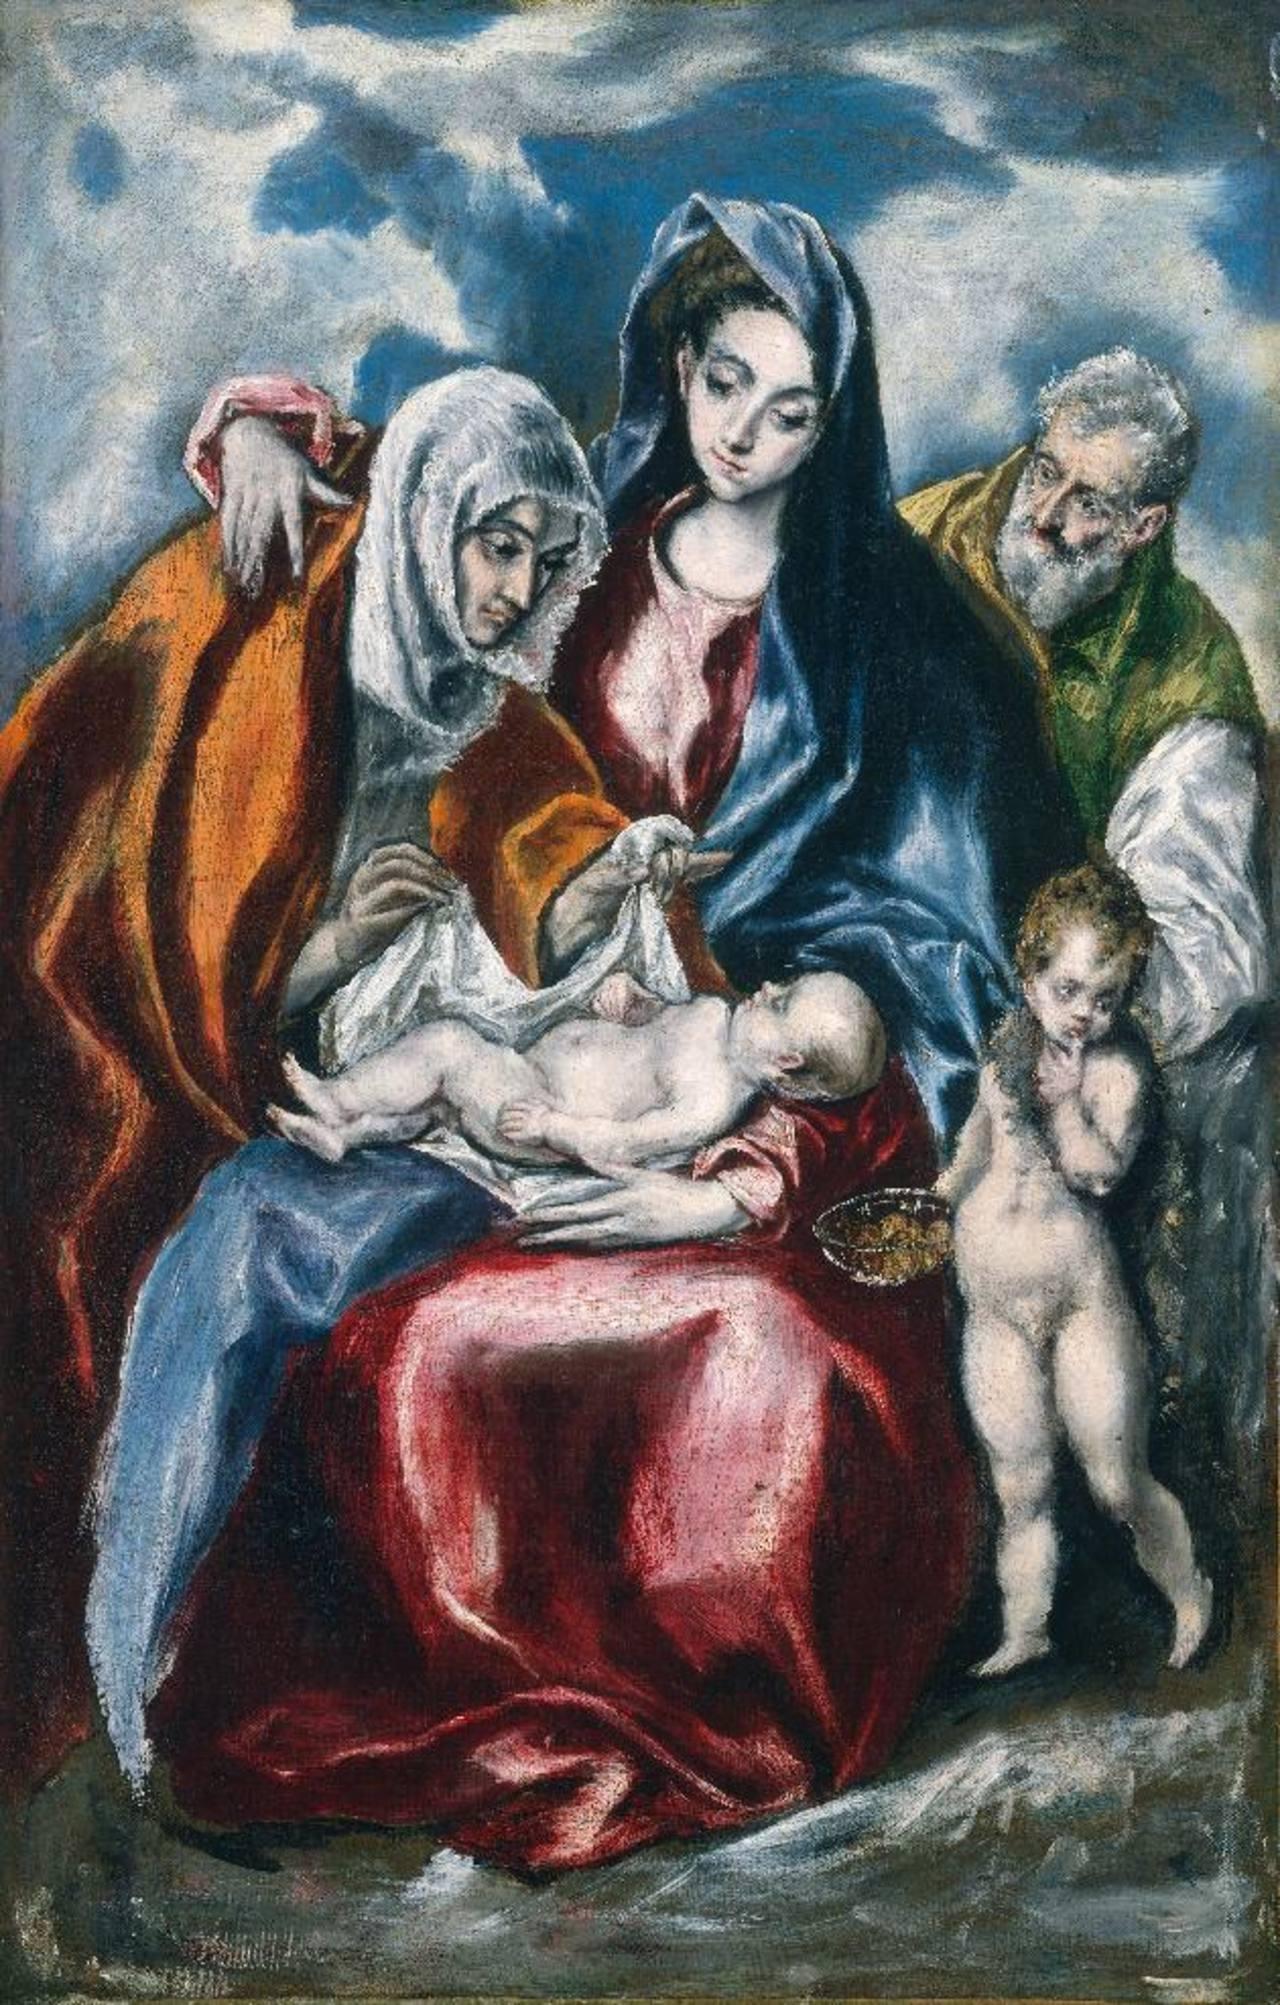 Washington rinde homenaje a El Greco